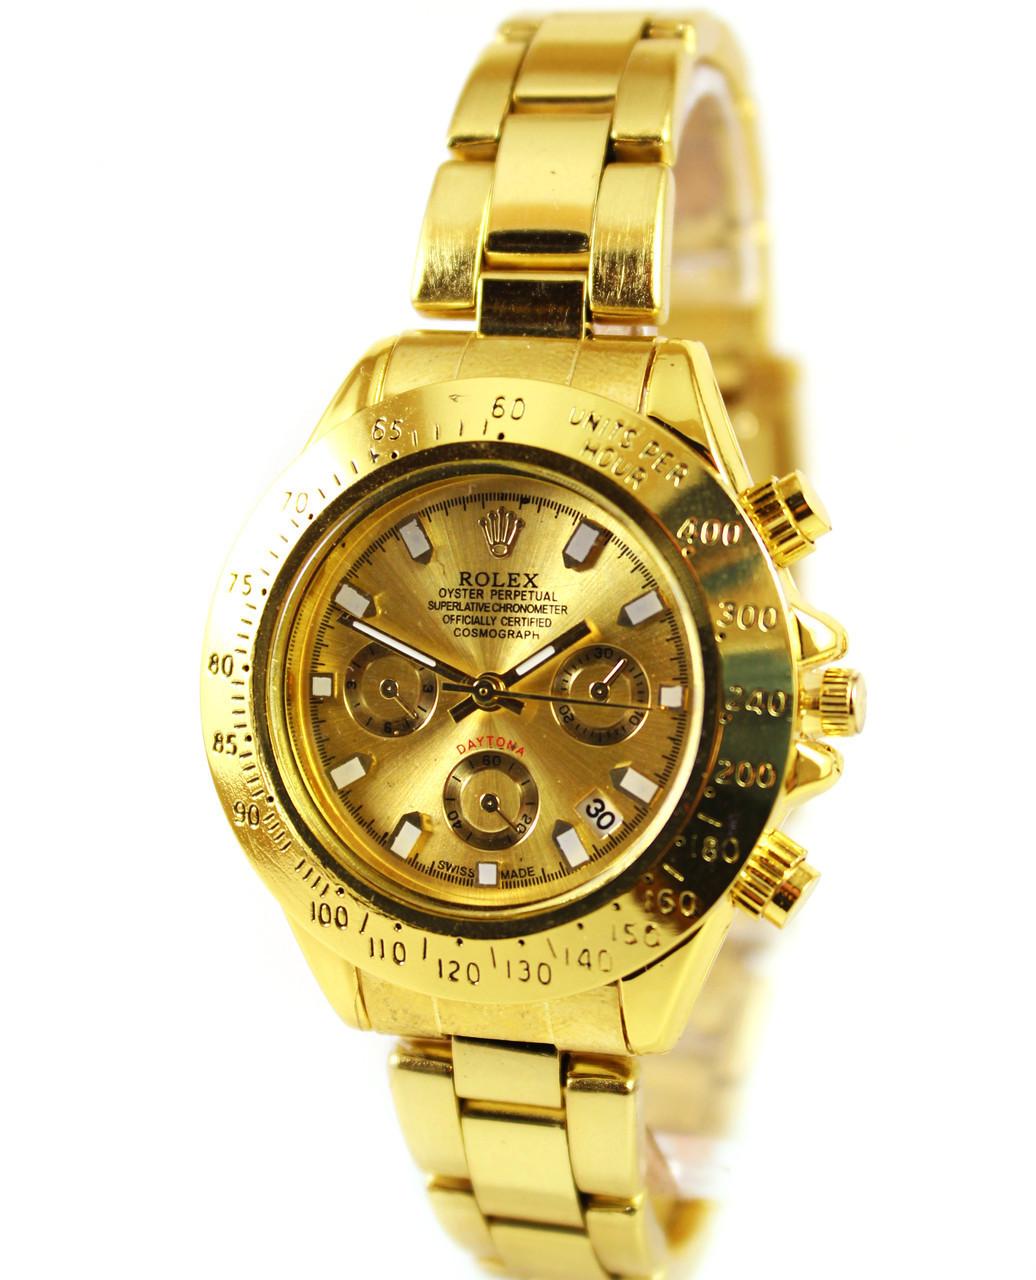 Часы женские ролекс купить недорого смарт часы в самаре купить